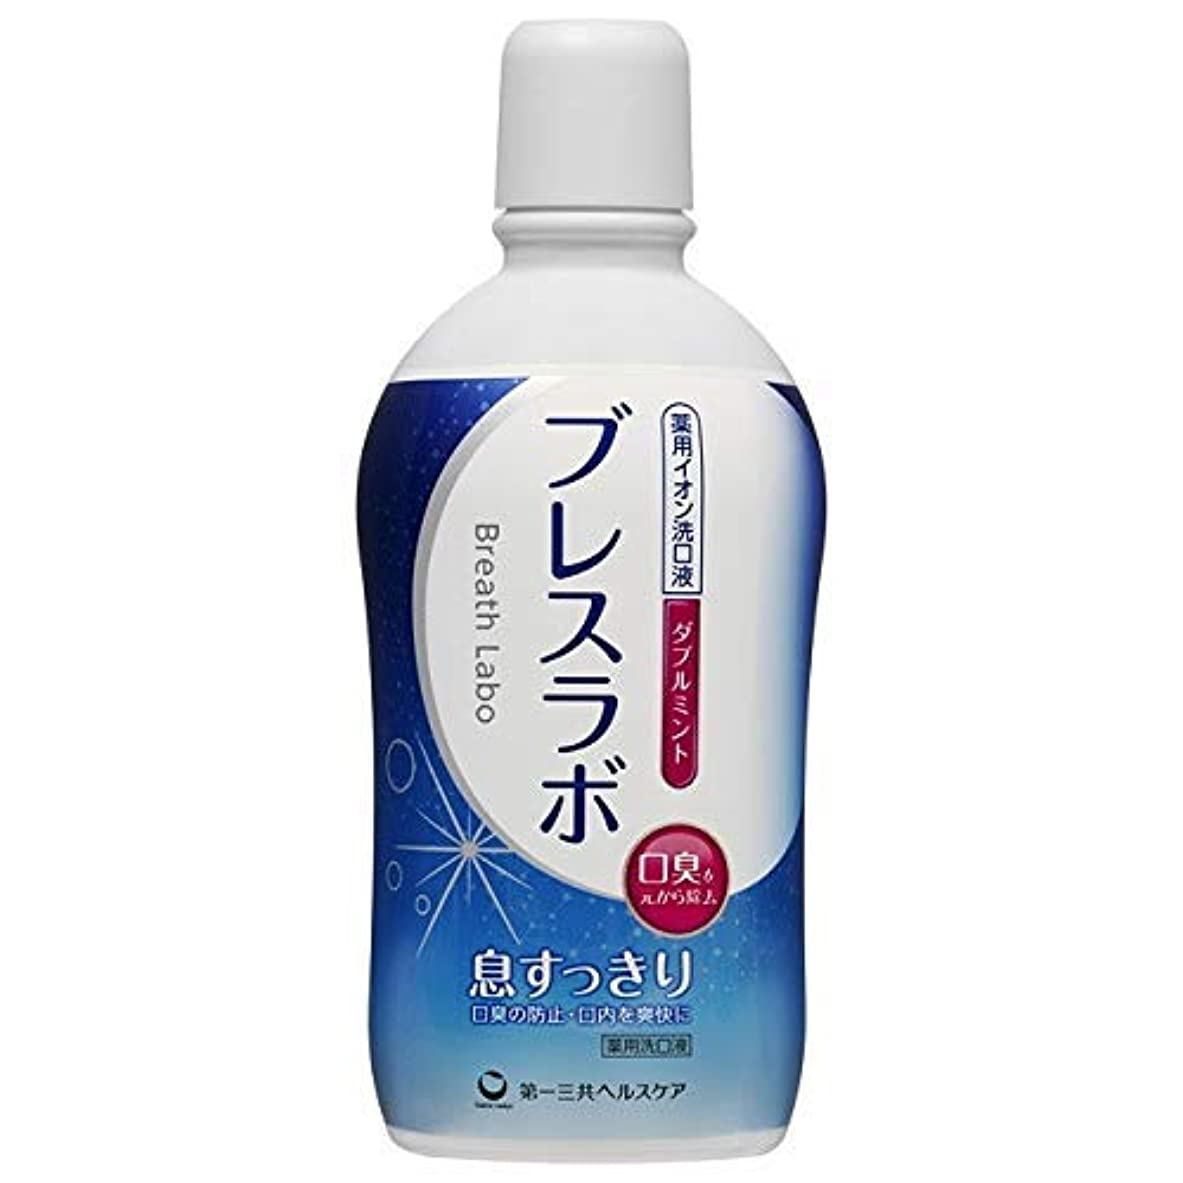 疾患四回徴収第一三共ヘルスケア 薬用イオン洗口液 ブレスラボ マウスウォッシュ ダブルミント 単品 450mL